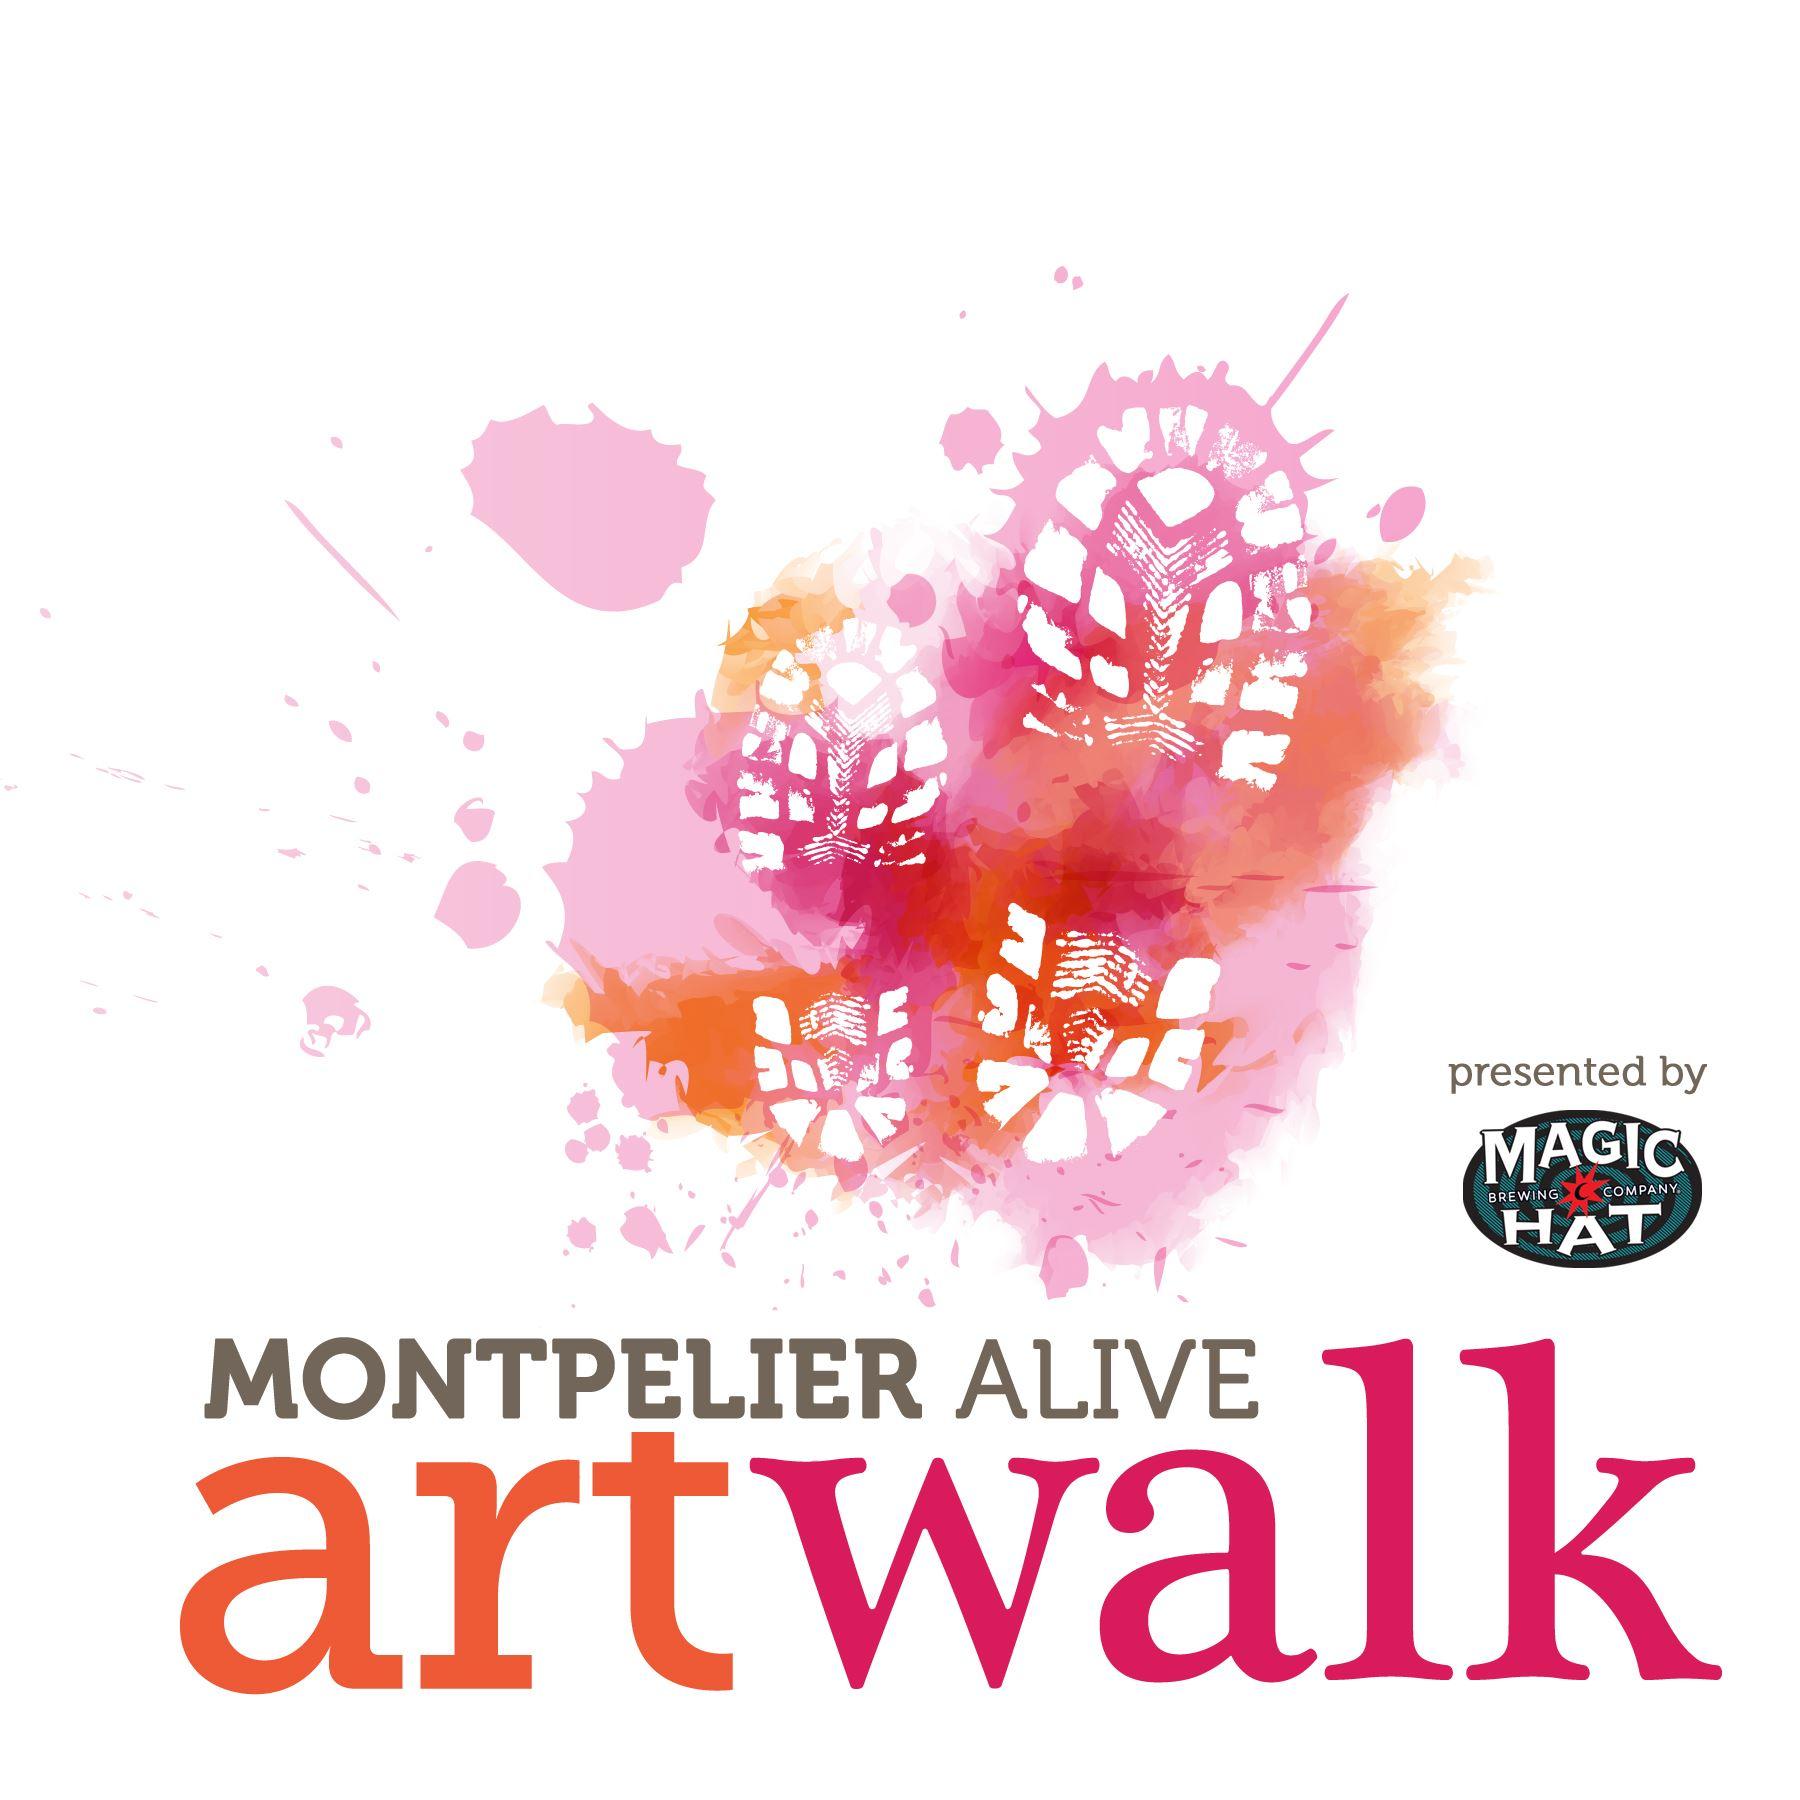 Montpelier alive art walk 2019